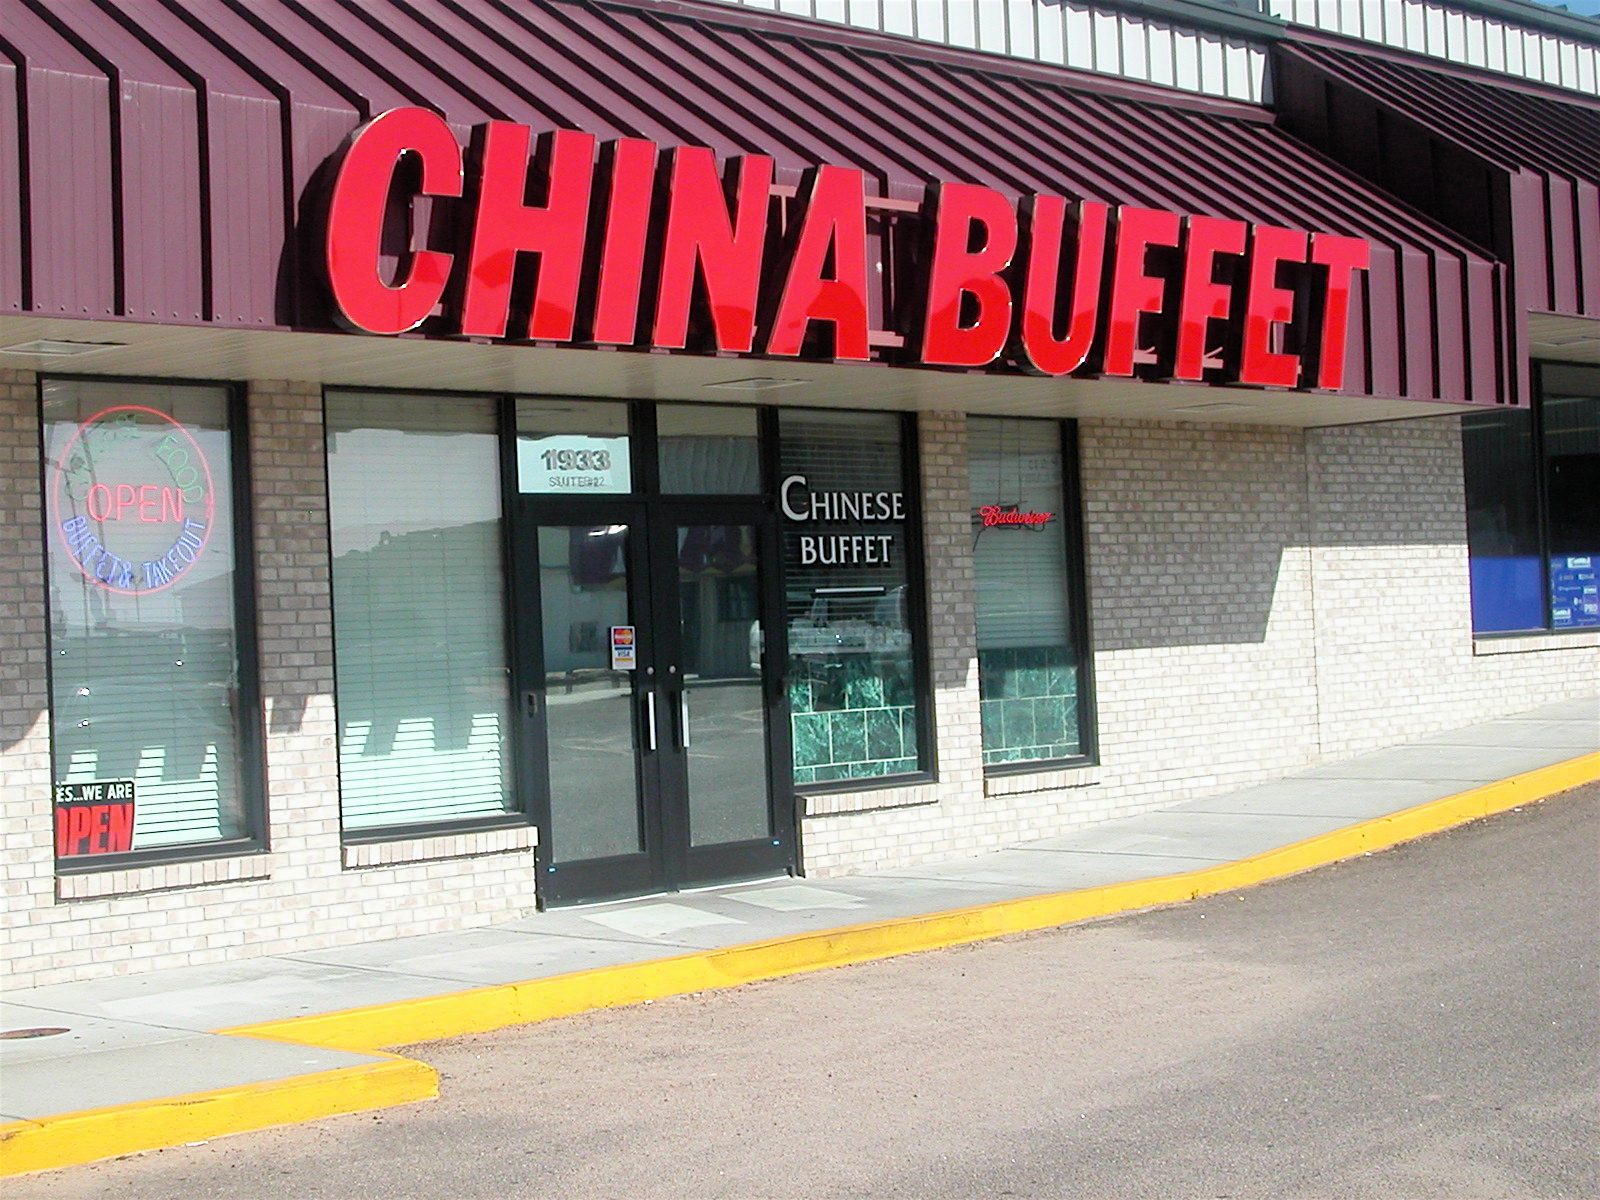 China_buffet.JPG_(1278928582)